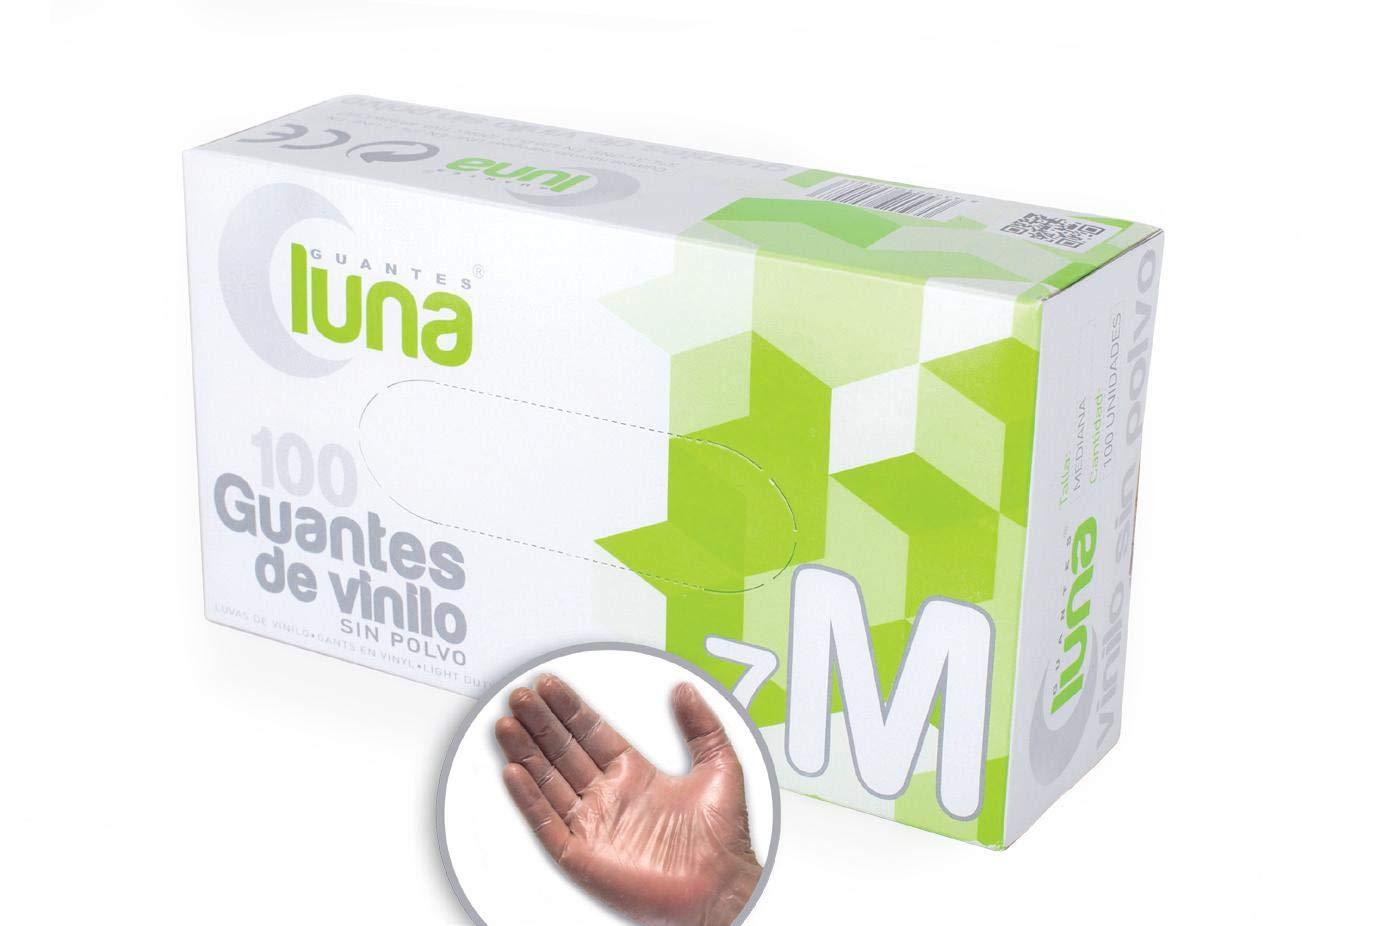 Luna V14106 Caja de 100 Guantes de Vinilo sin Polvo Talla Peque/ña